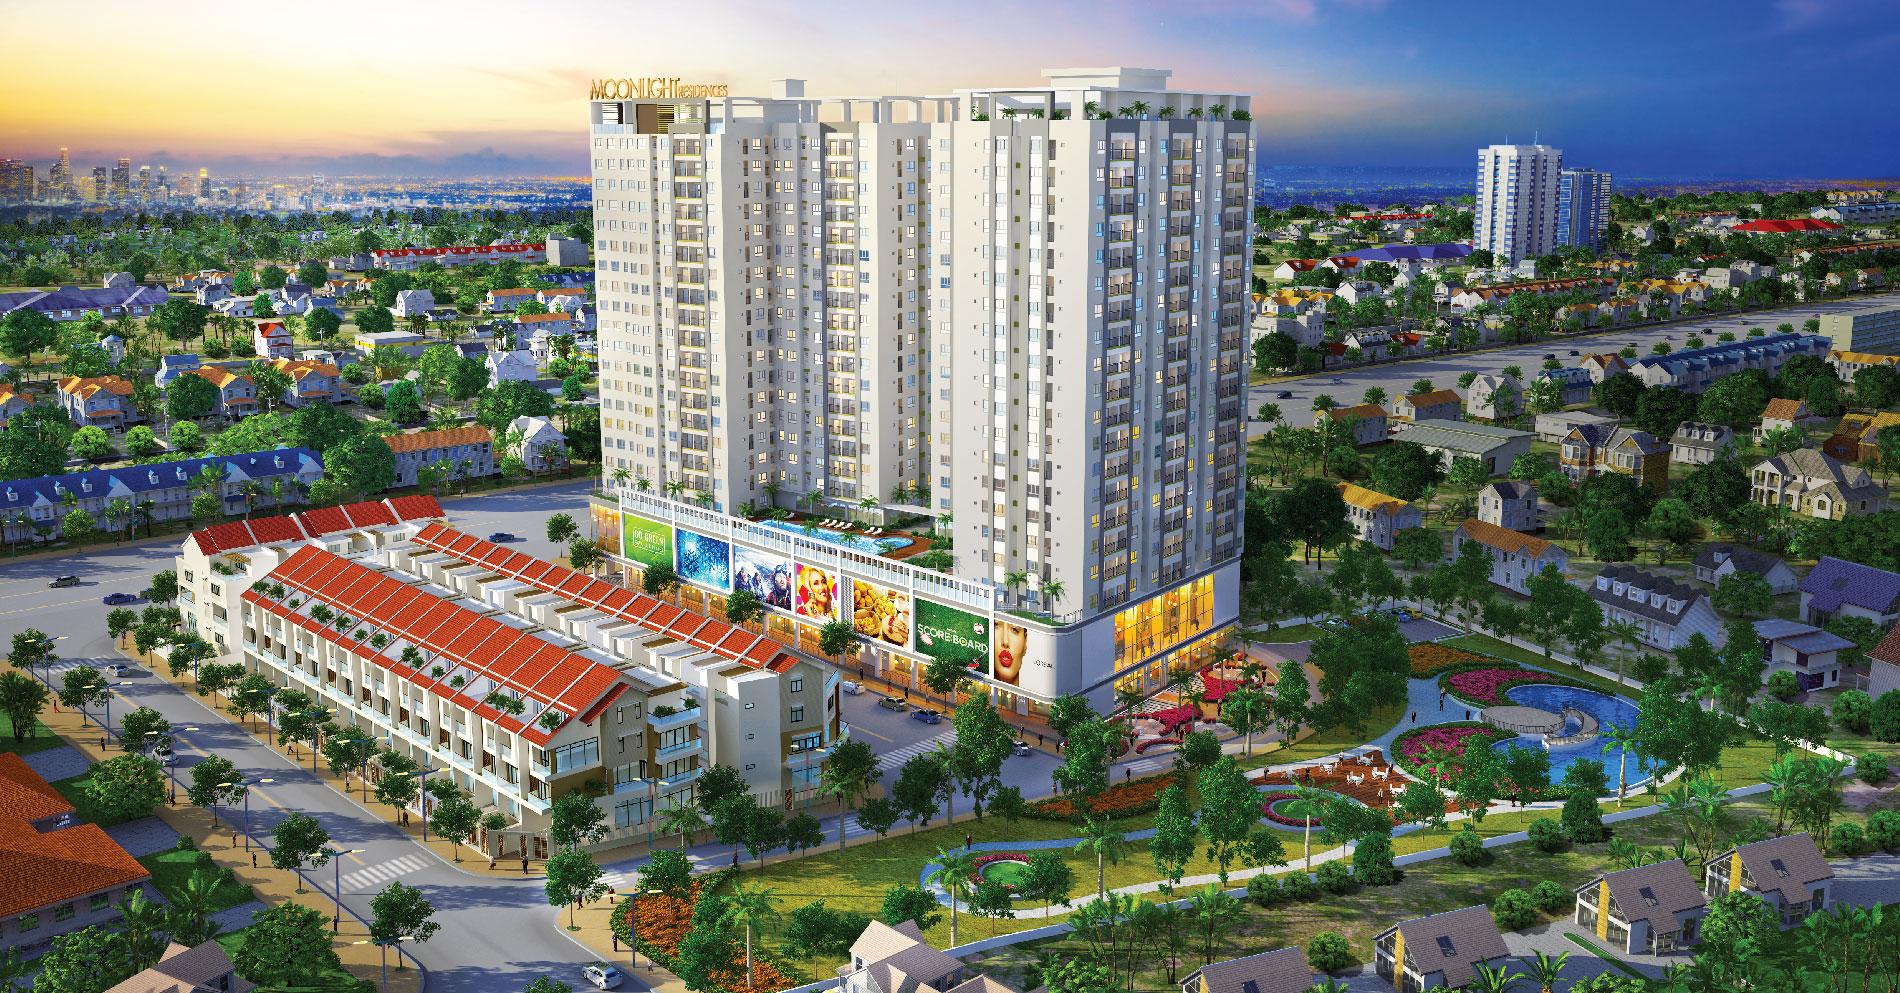 Moonlight Residences dự án căn hộ cao cấp khu Bình Thọ